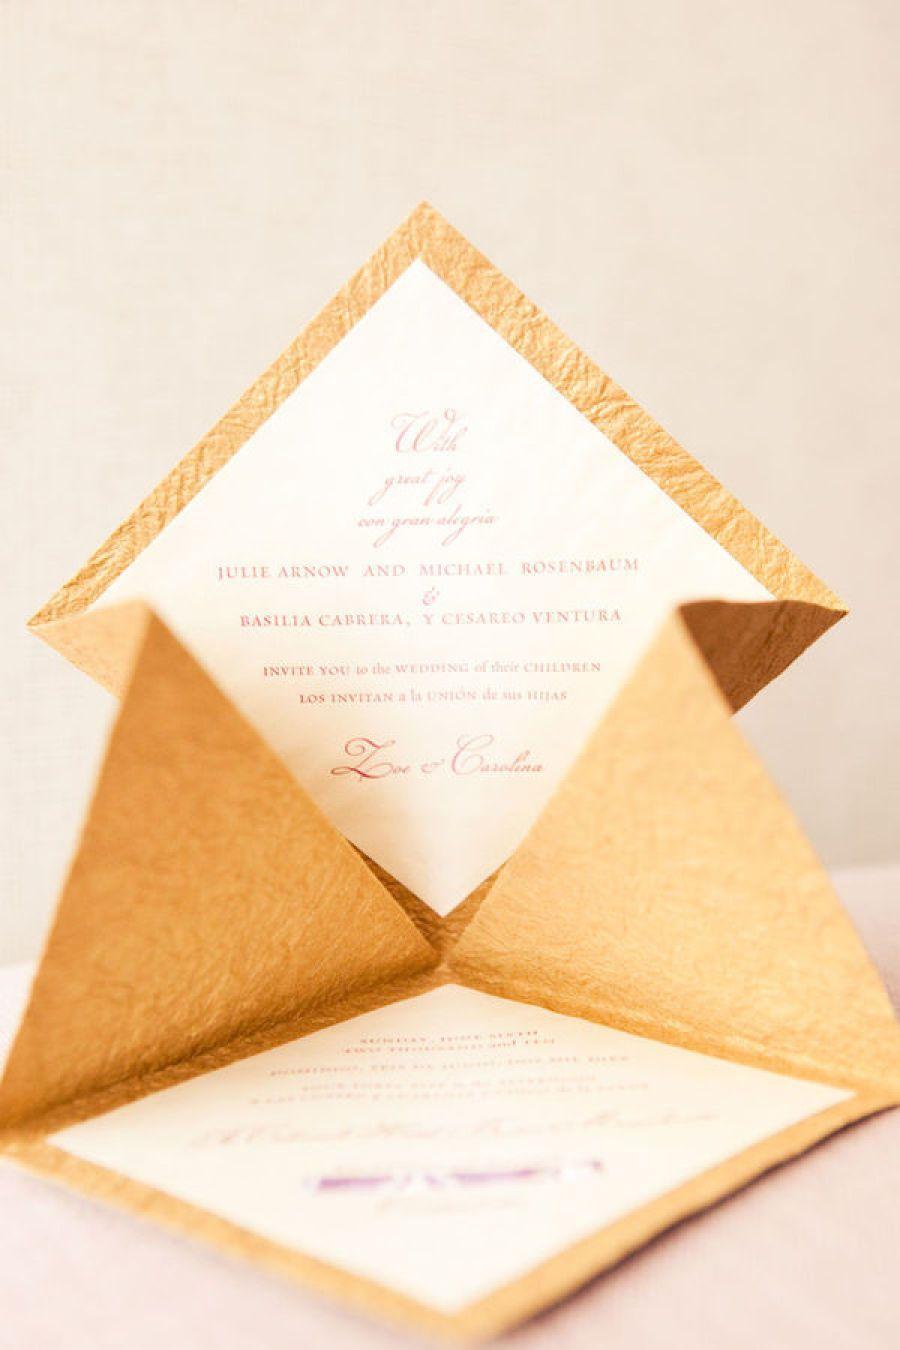 Kiểu gấp thiệp mời hình tháp đặc biệt